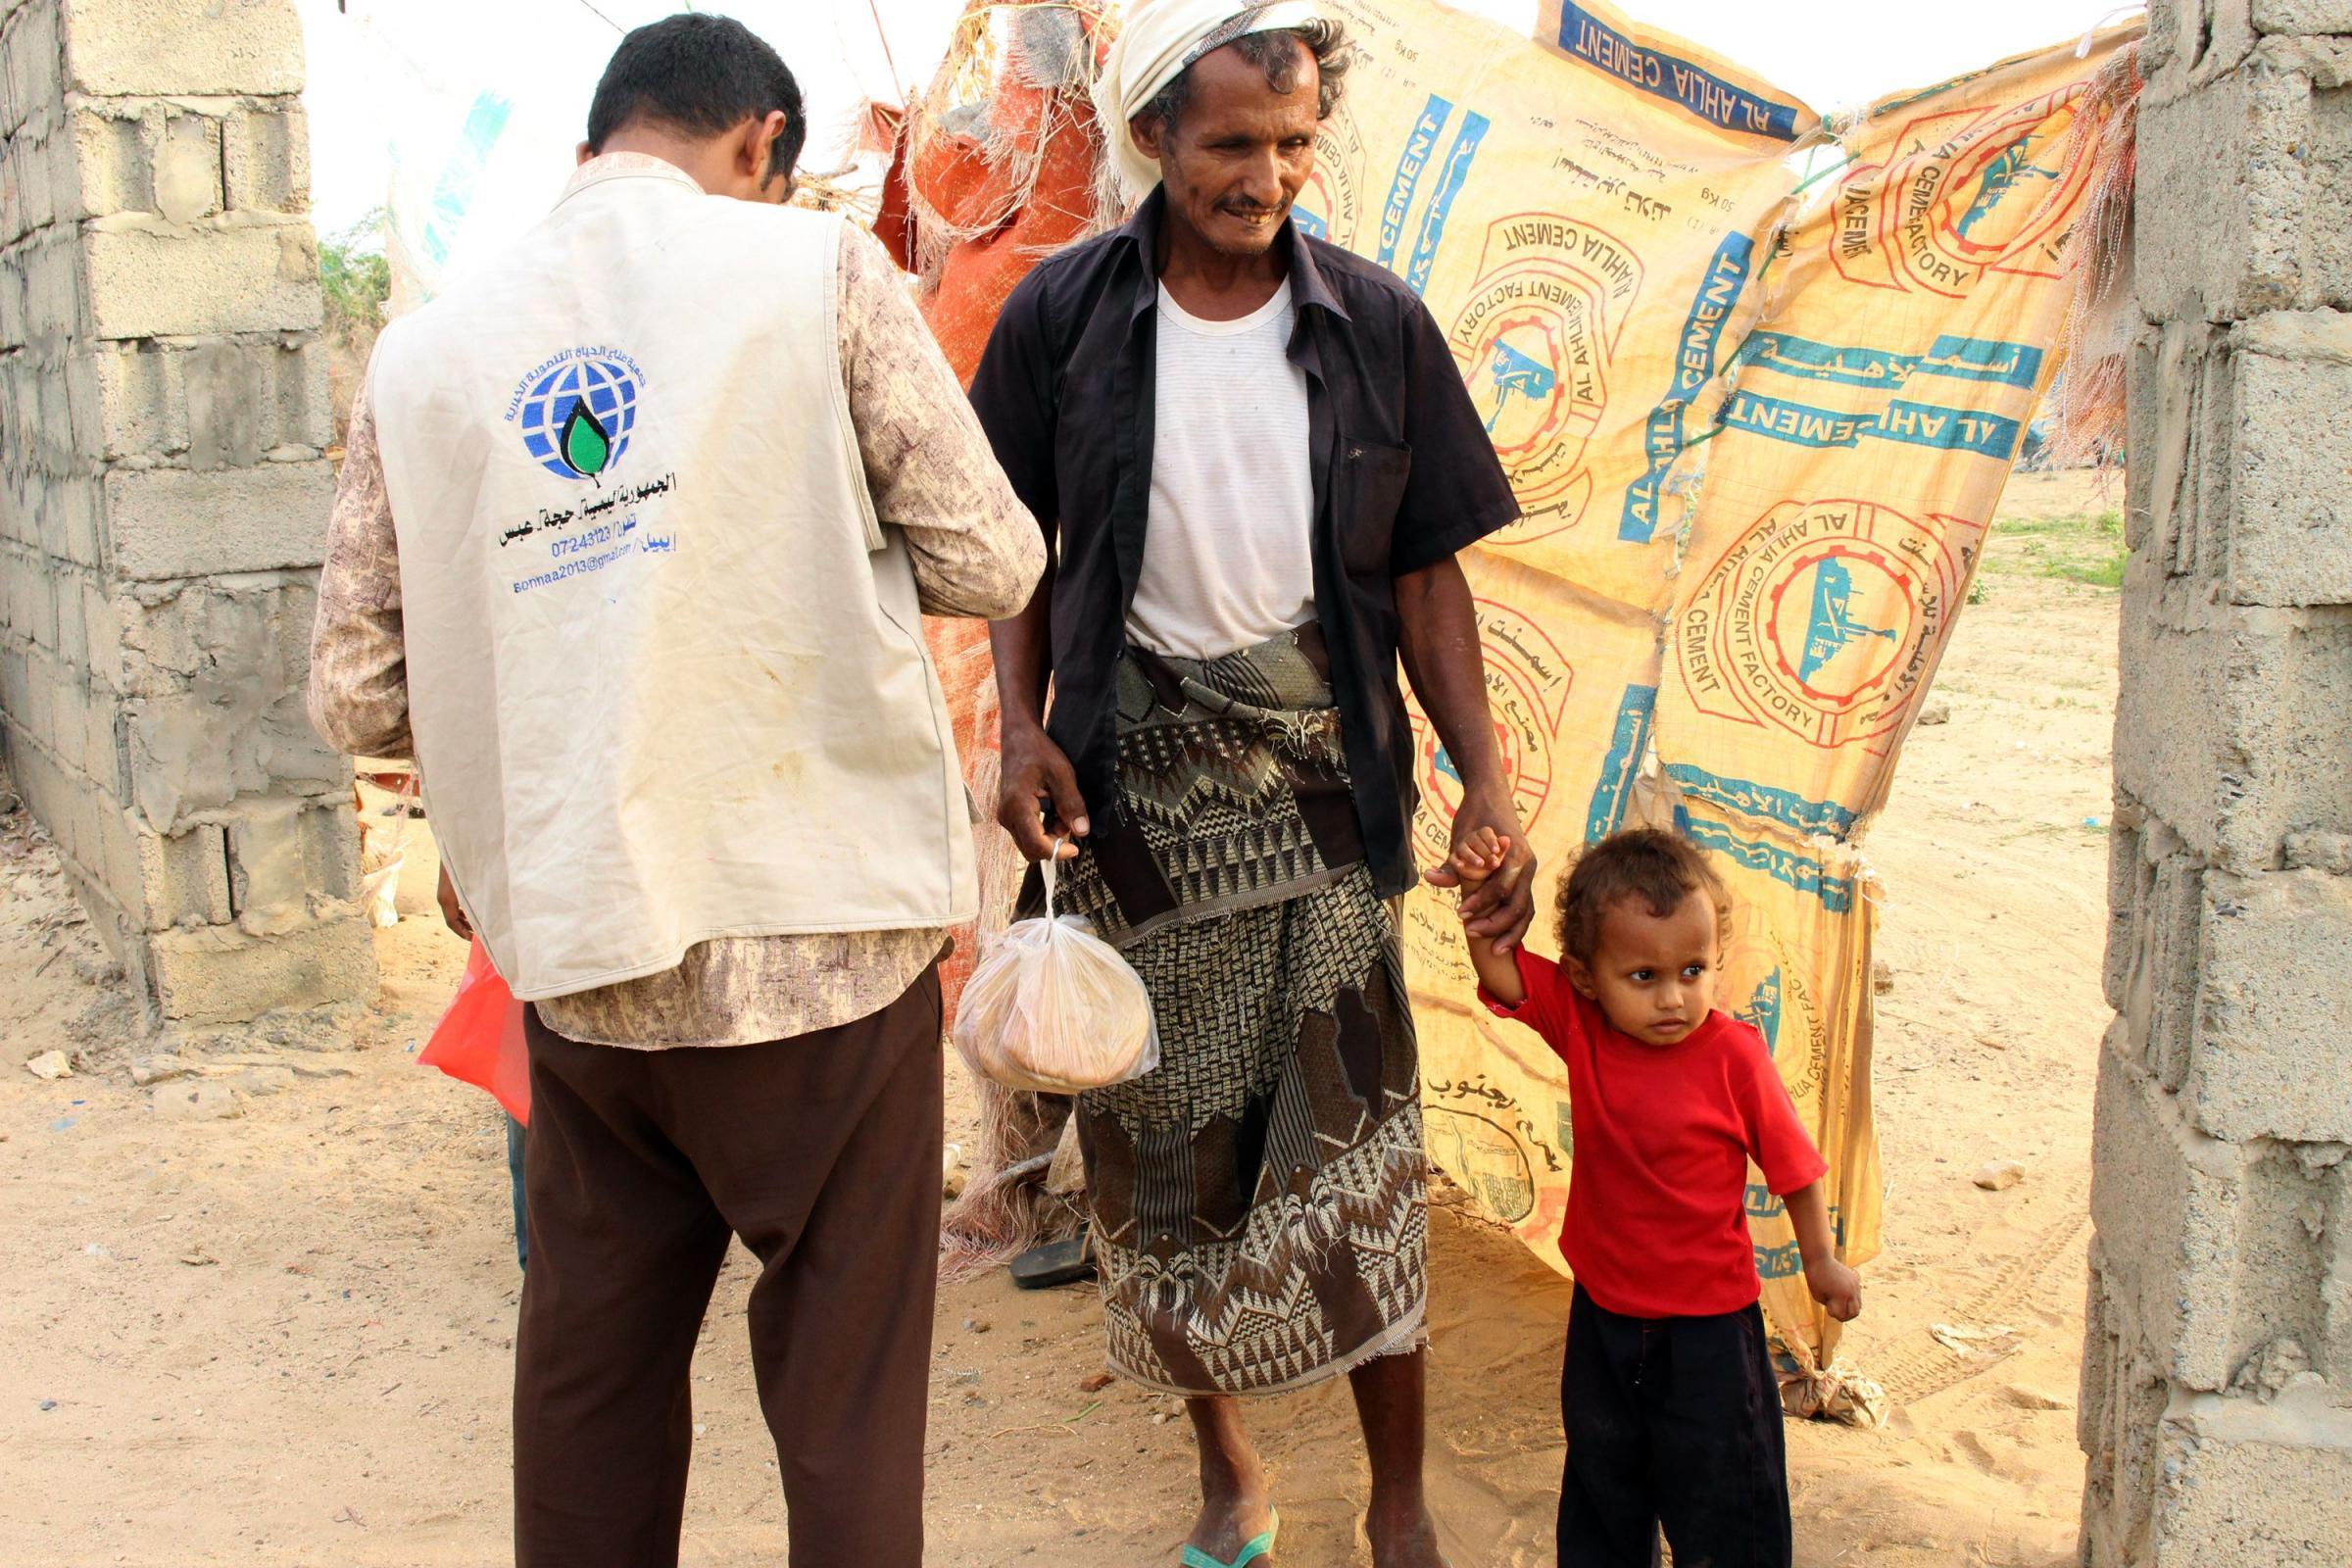 Un'associazione di giovani fornisce del pane gratis in Yemen (LaPresse)